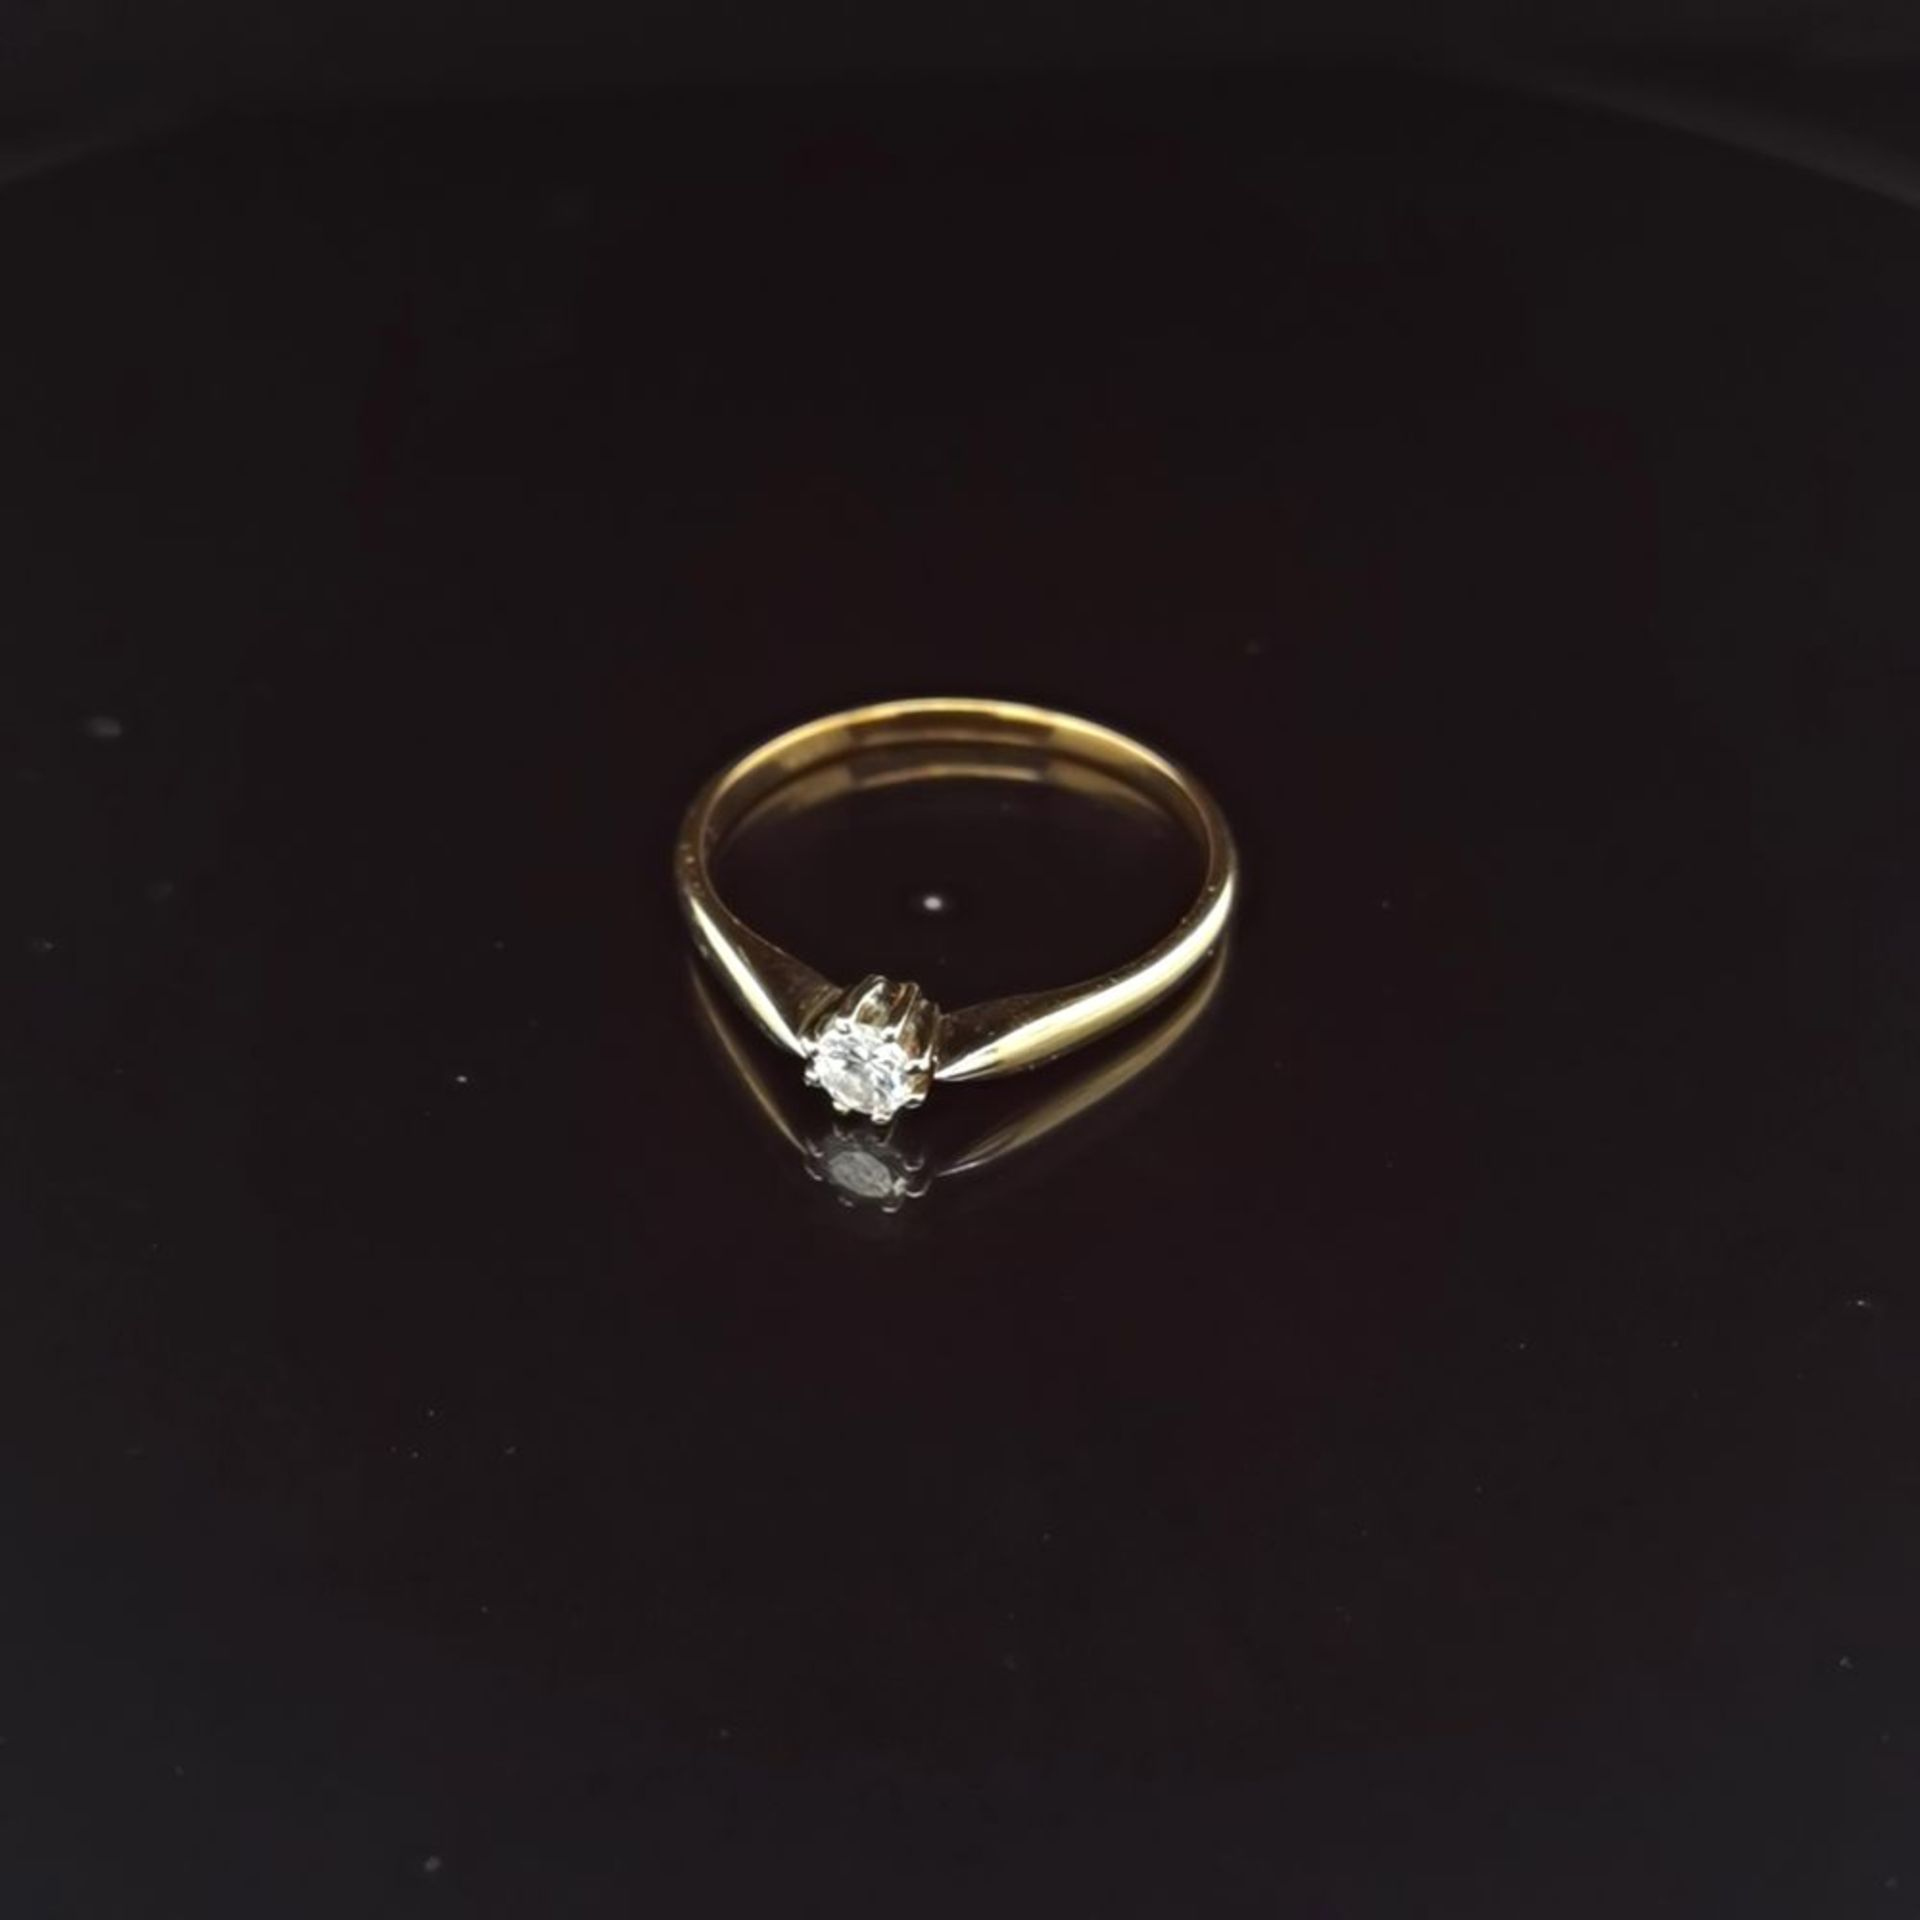 Brillant-Ring, 585 Gelbgold 2,3